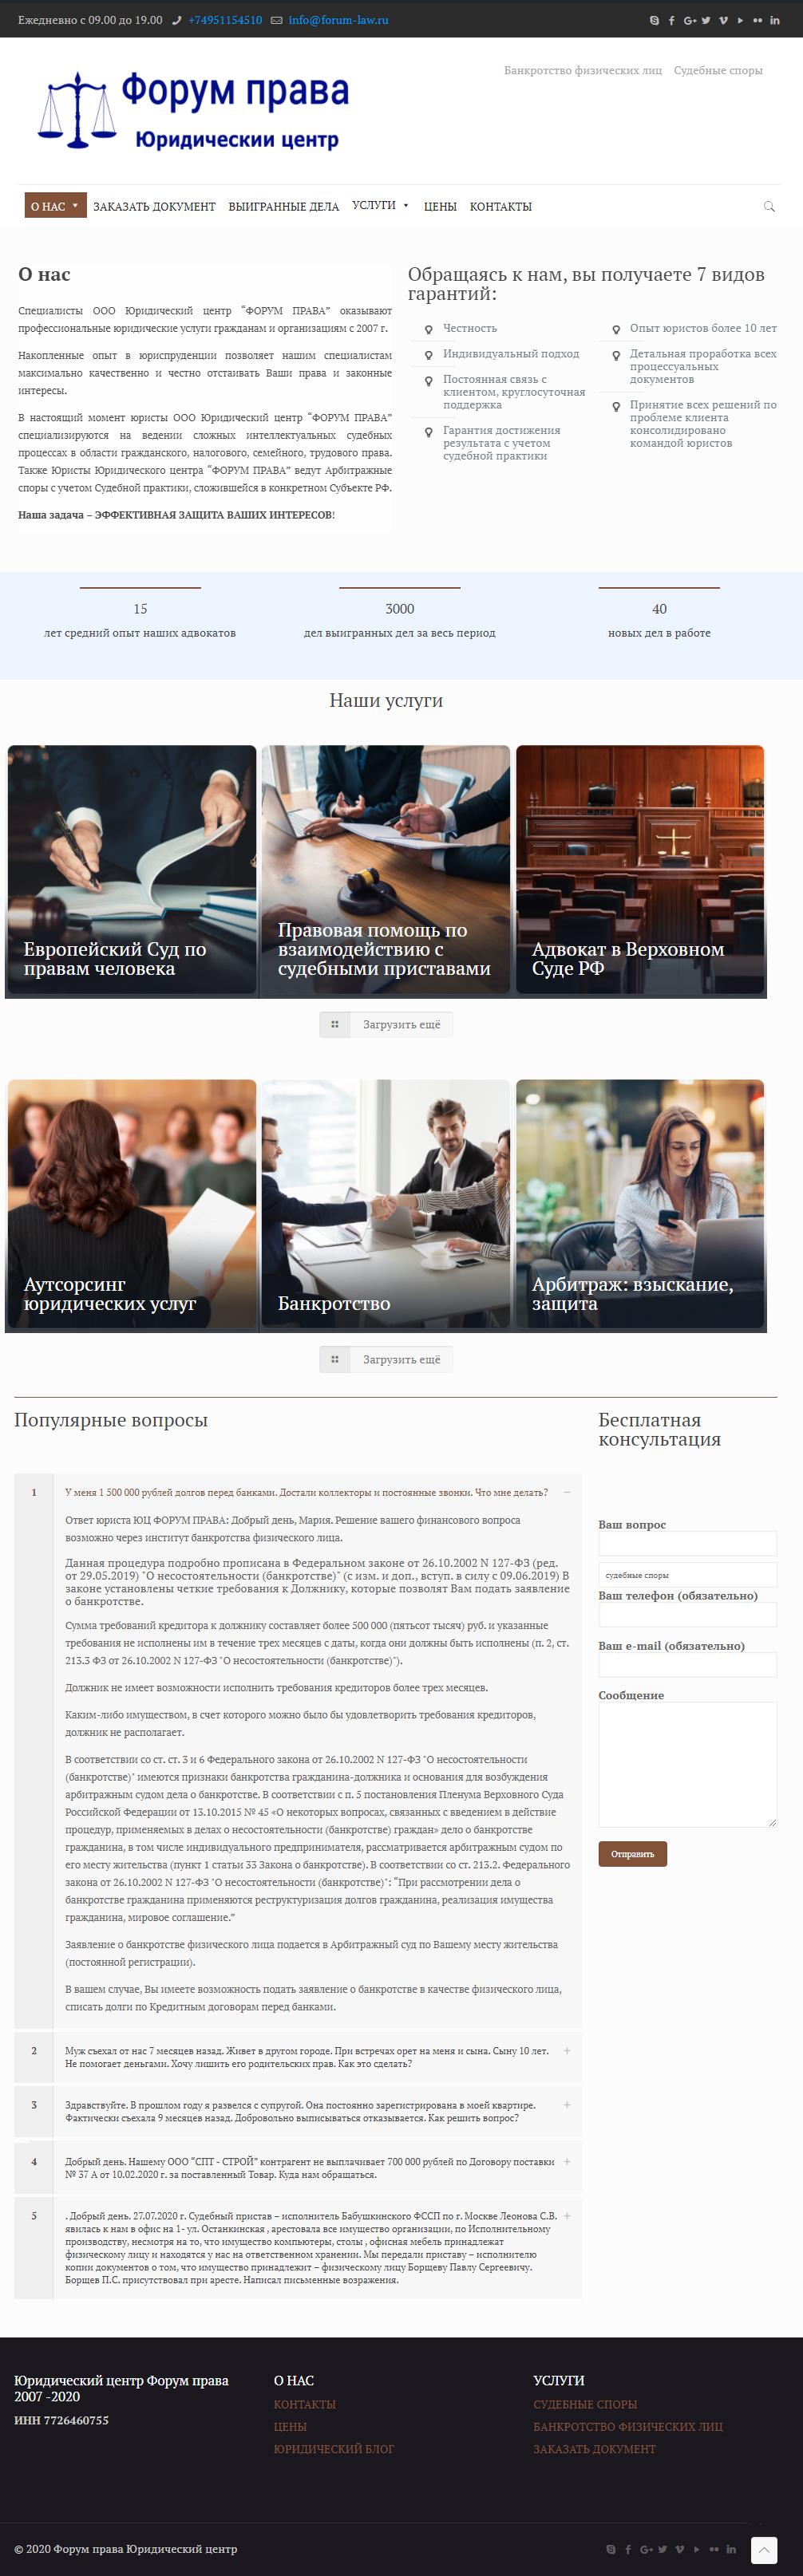 создать сайт для юриста